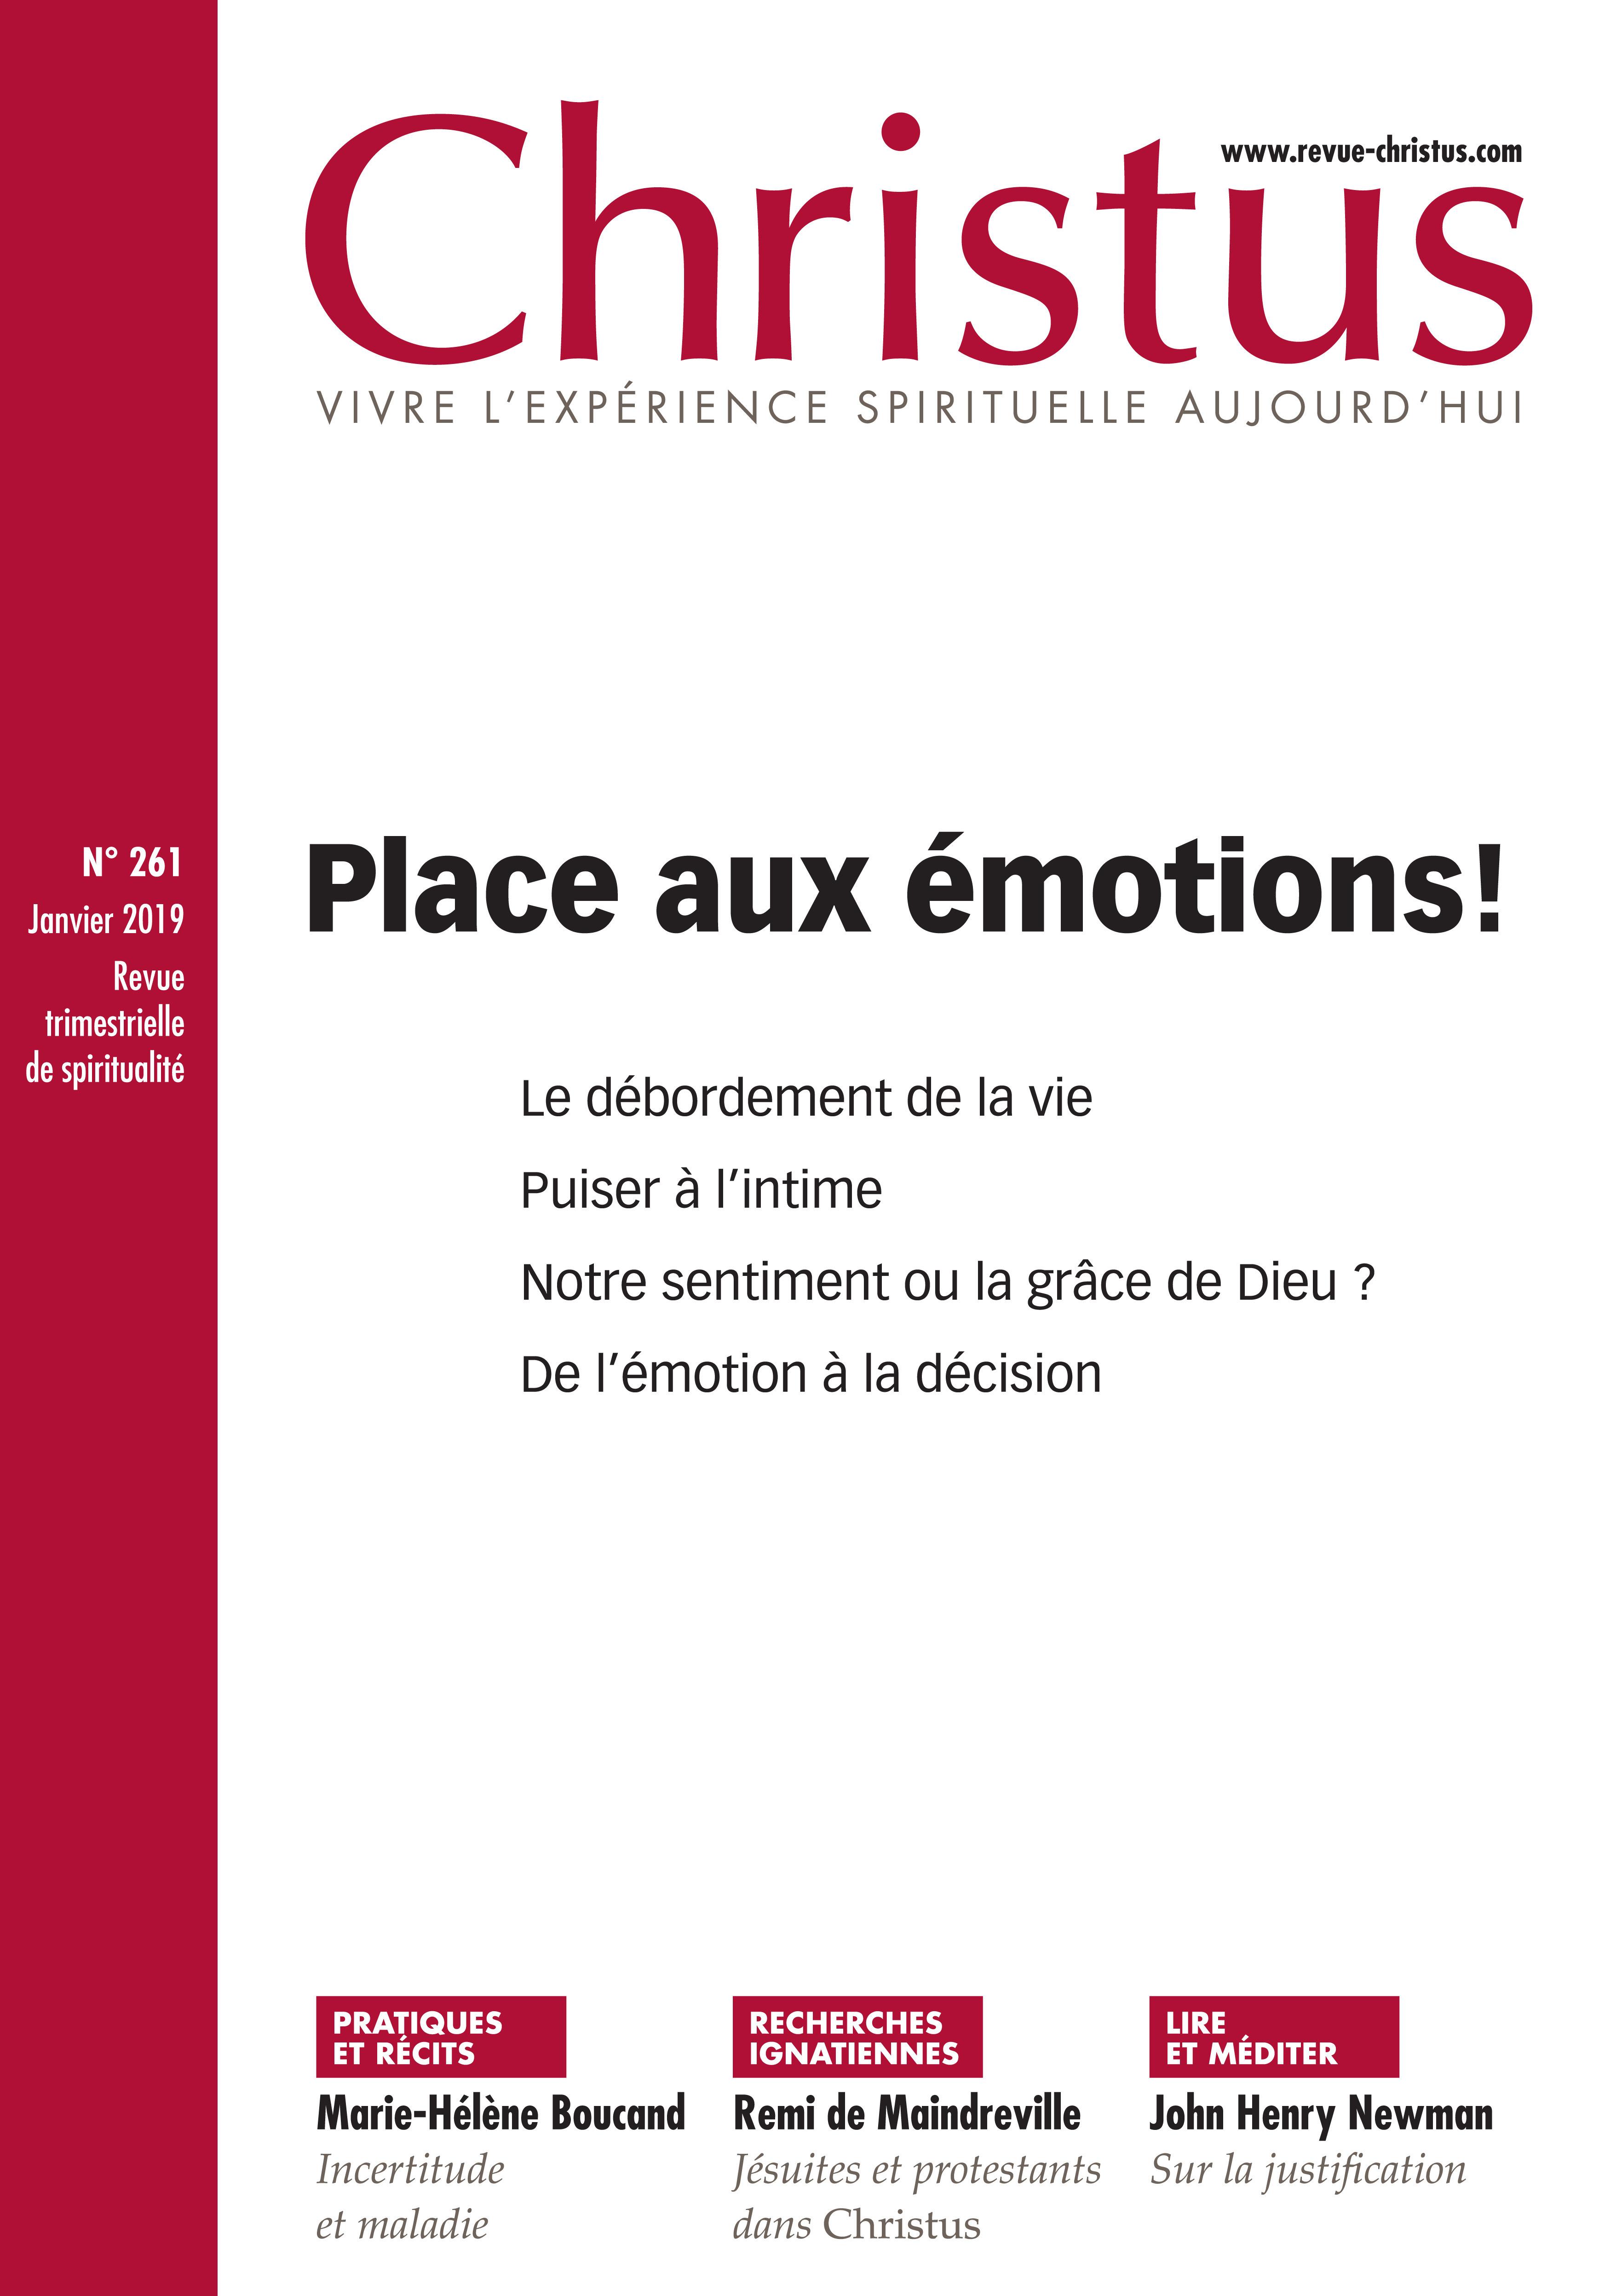 Revue christus N.261 ; les émotions dans la vie spirituelle